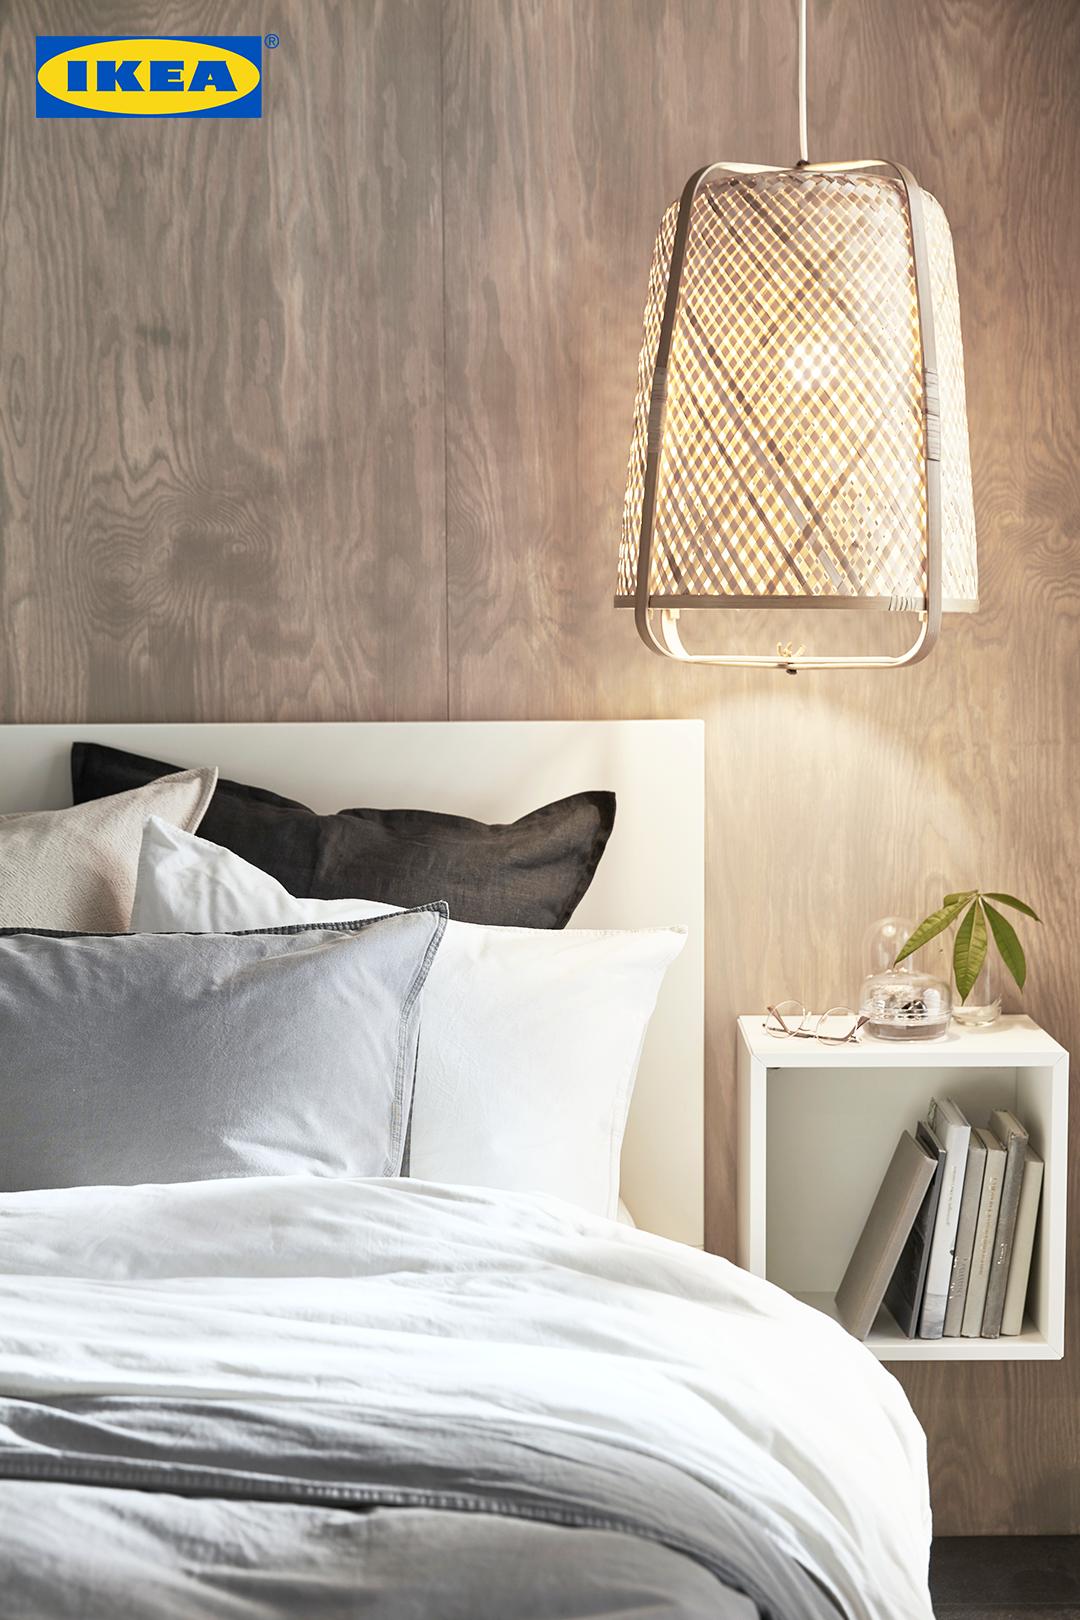 Schlafzimmerserien Haus deko, Schlafzimmermöbel und